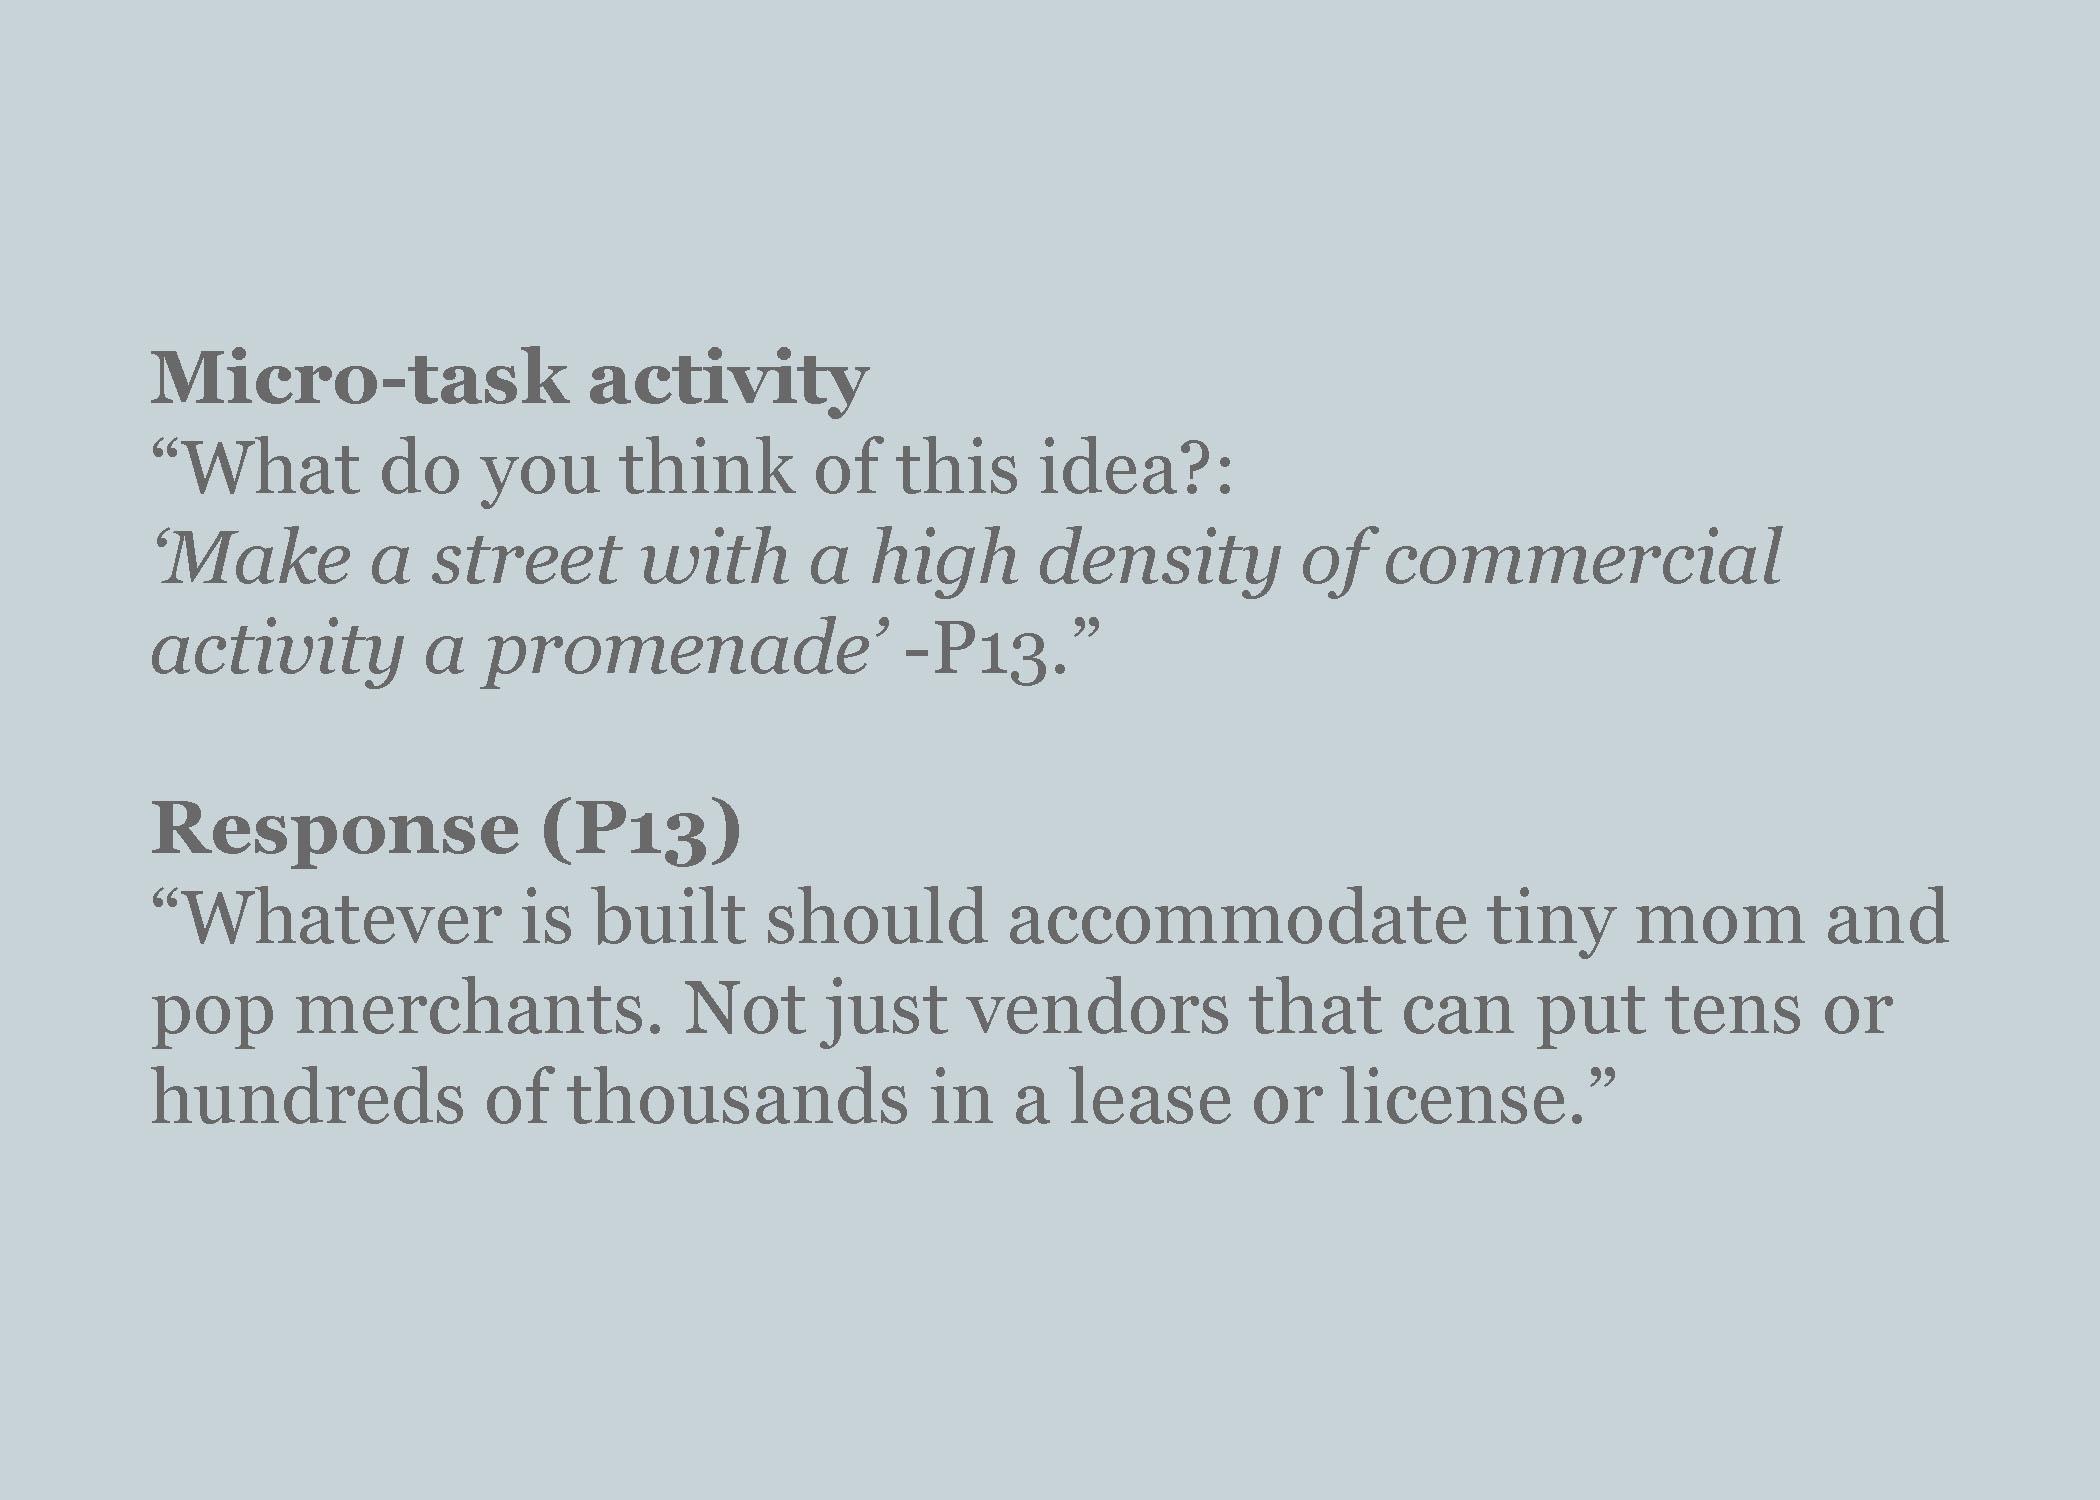 Evaluate an idea